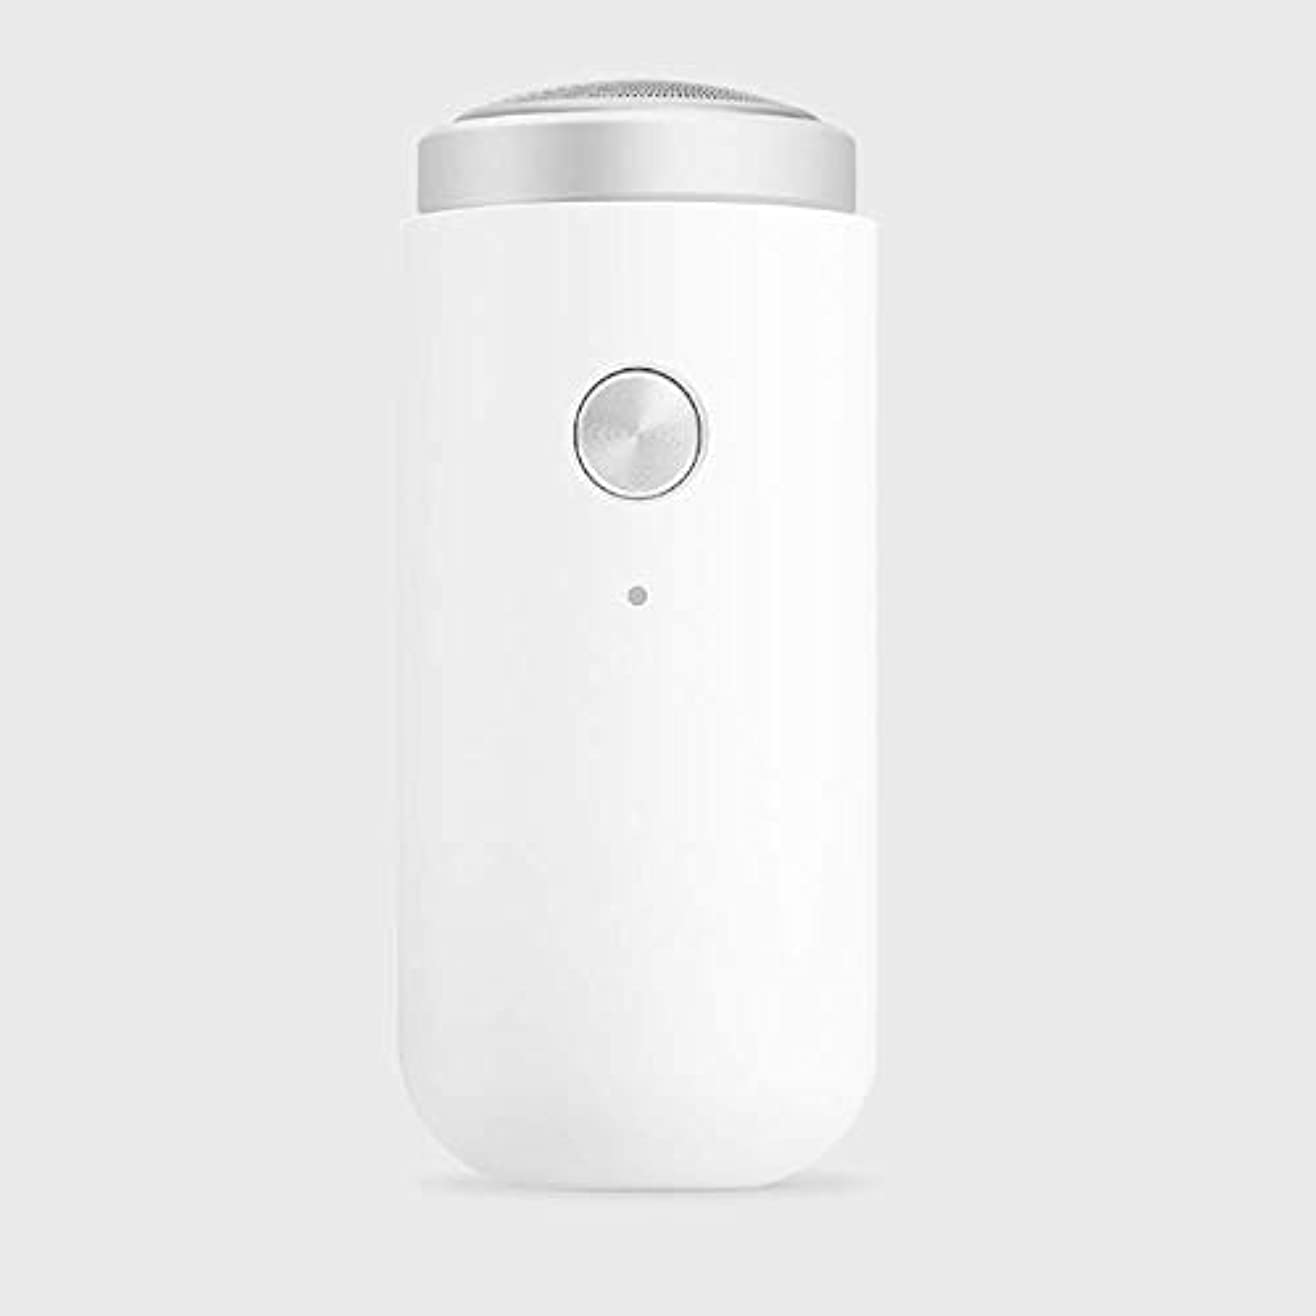 十分に鉄豪華な電気かみそりミニ電気シェーバーポータブル男性用かみそり、マイクロUSB充電安全取り外しIPX5防水ウェット/ドライ旅行/家庭用かみそり